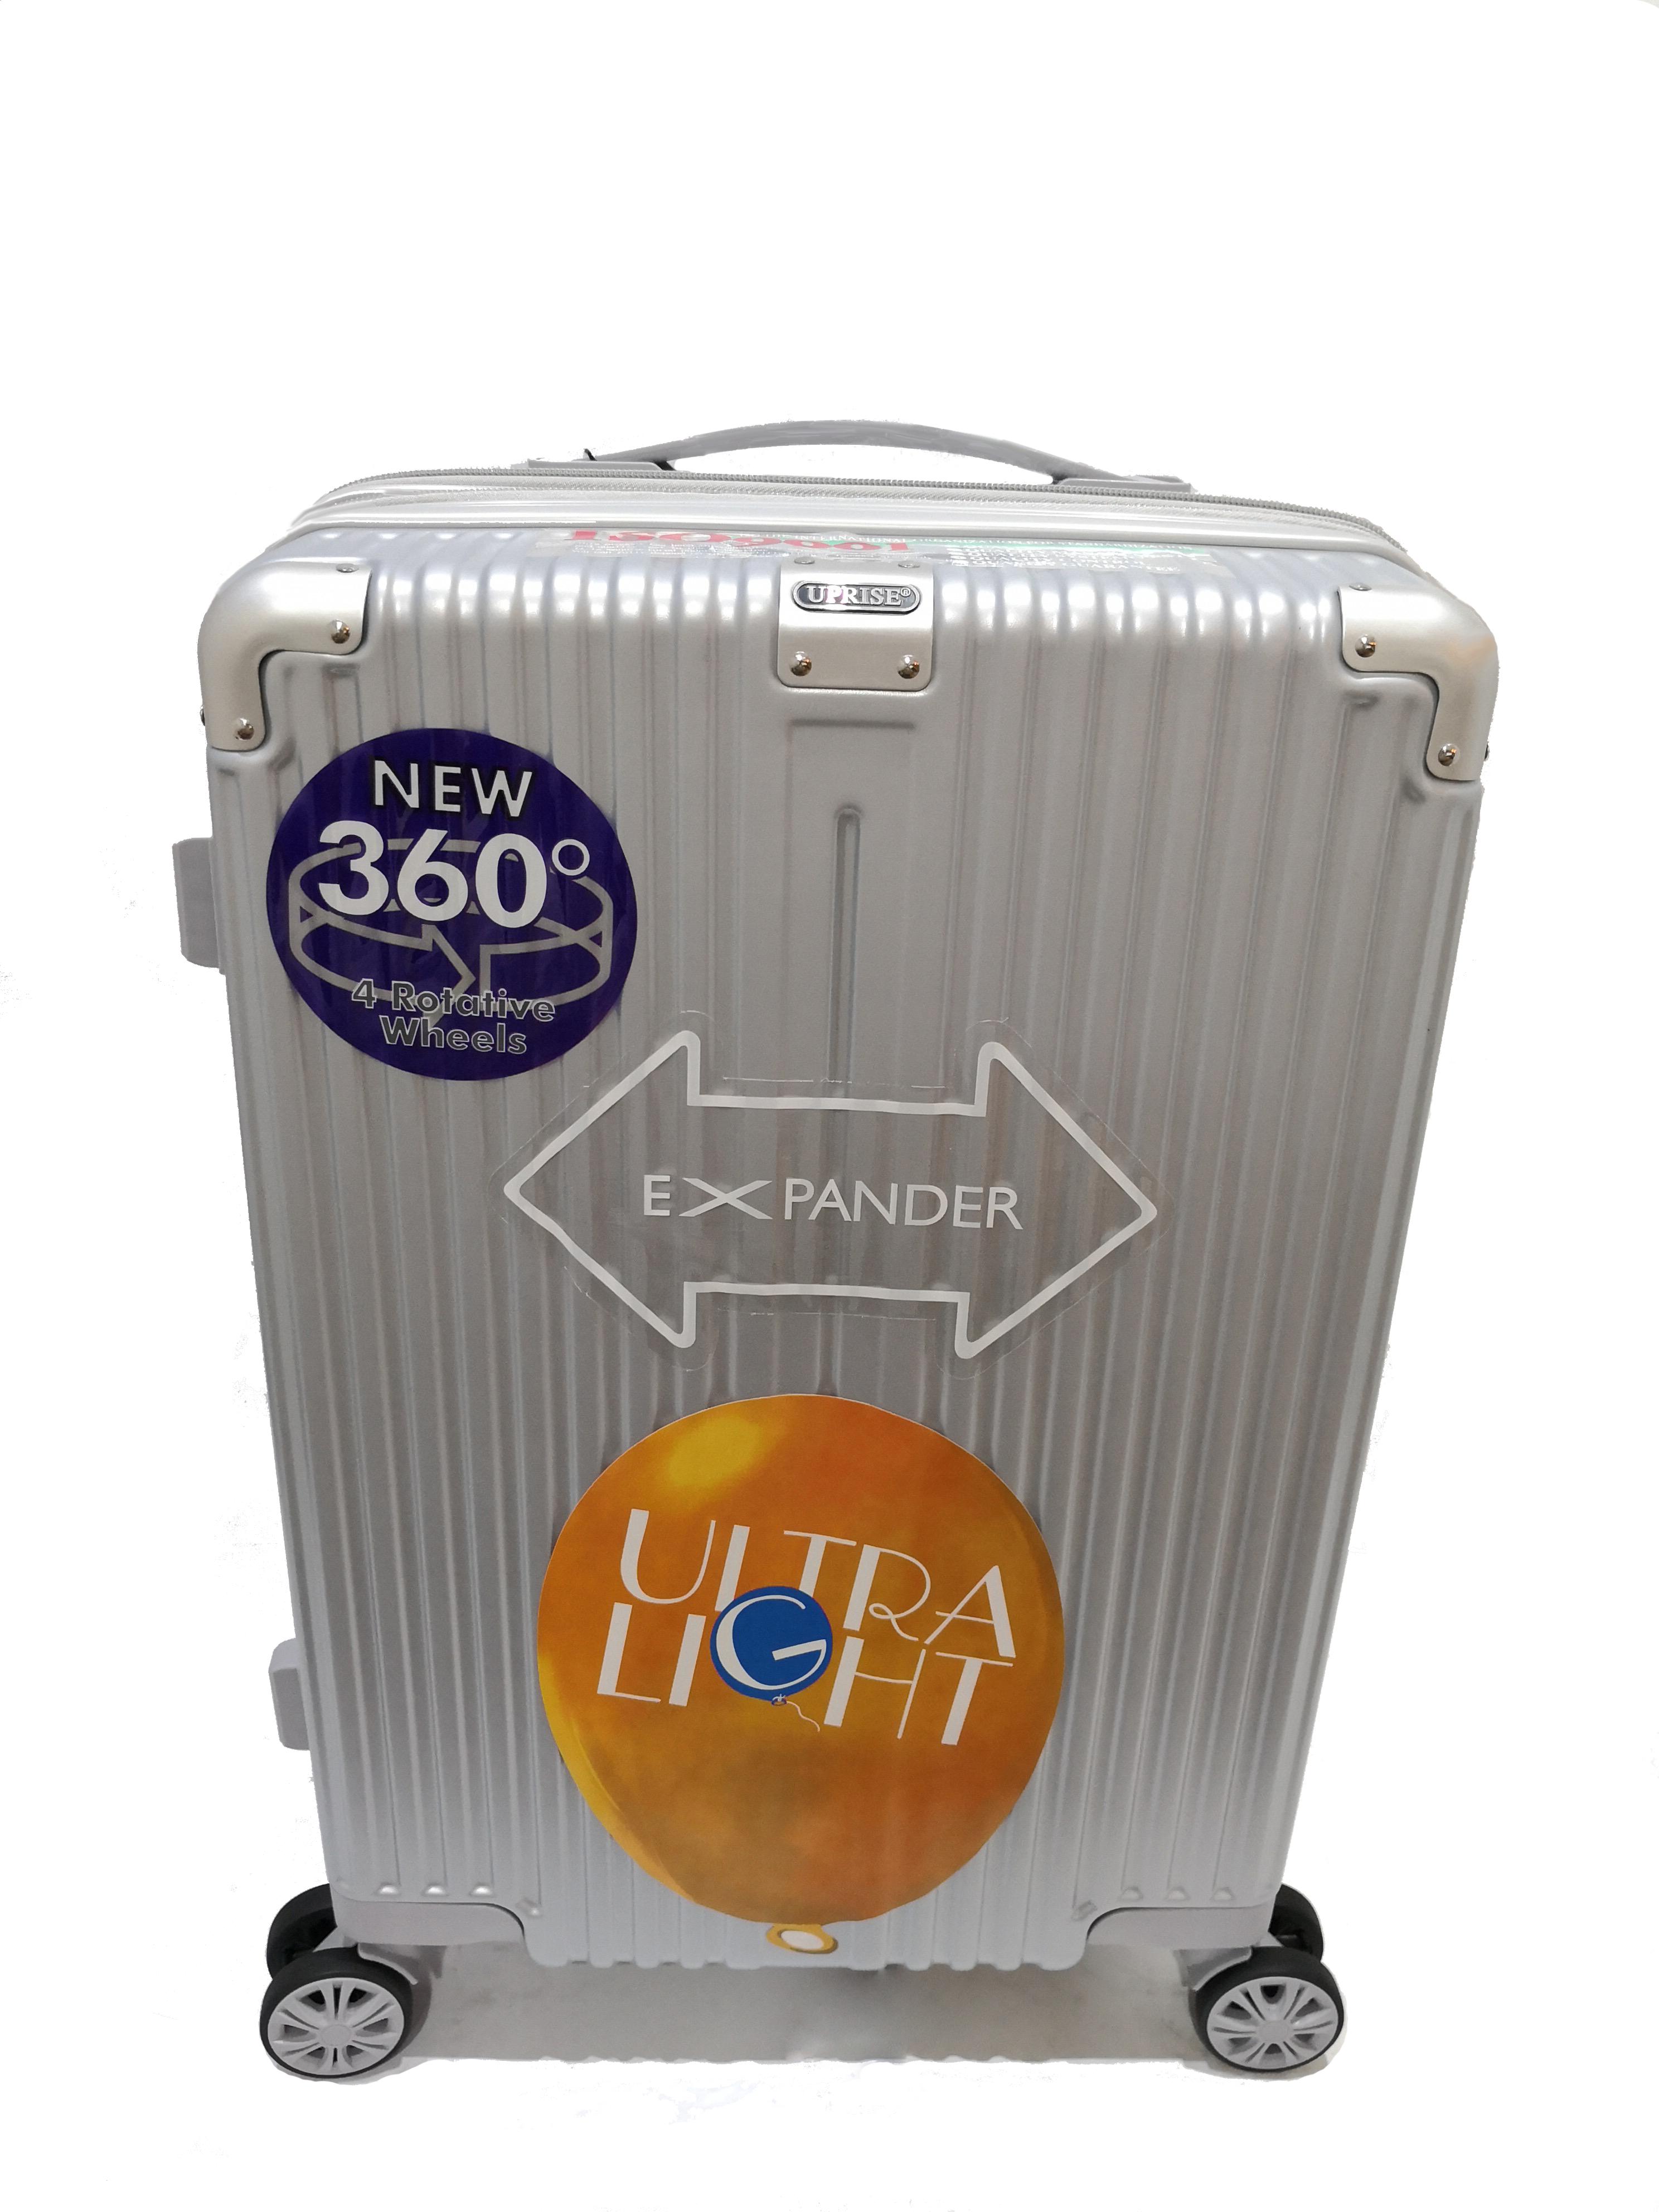 กระเป๋าเดินทางรหัส 1240 ขนาด 28 นิ้ว สีเงิน